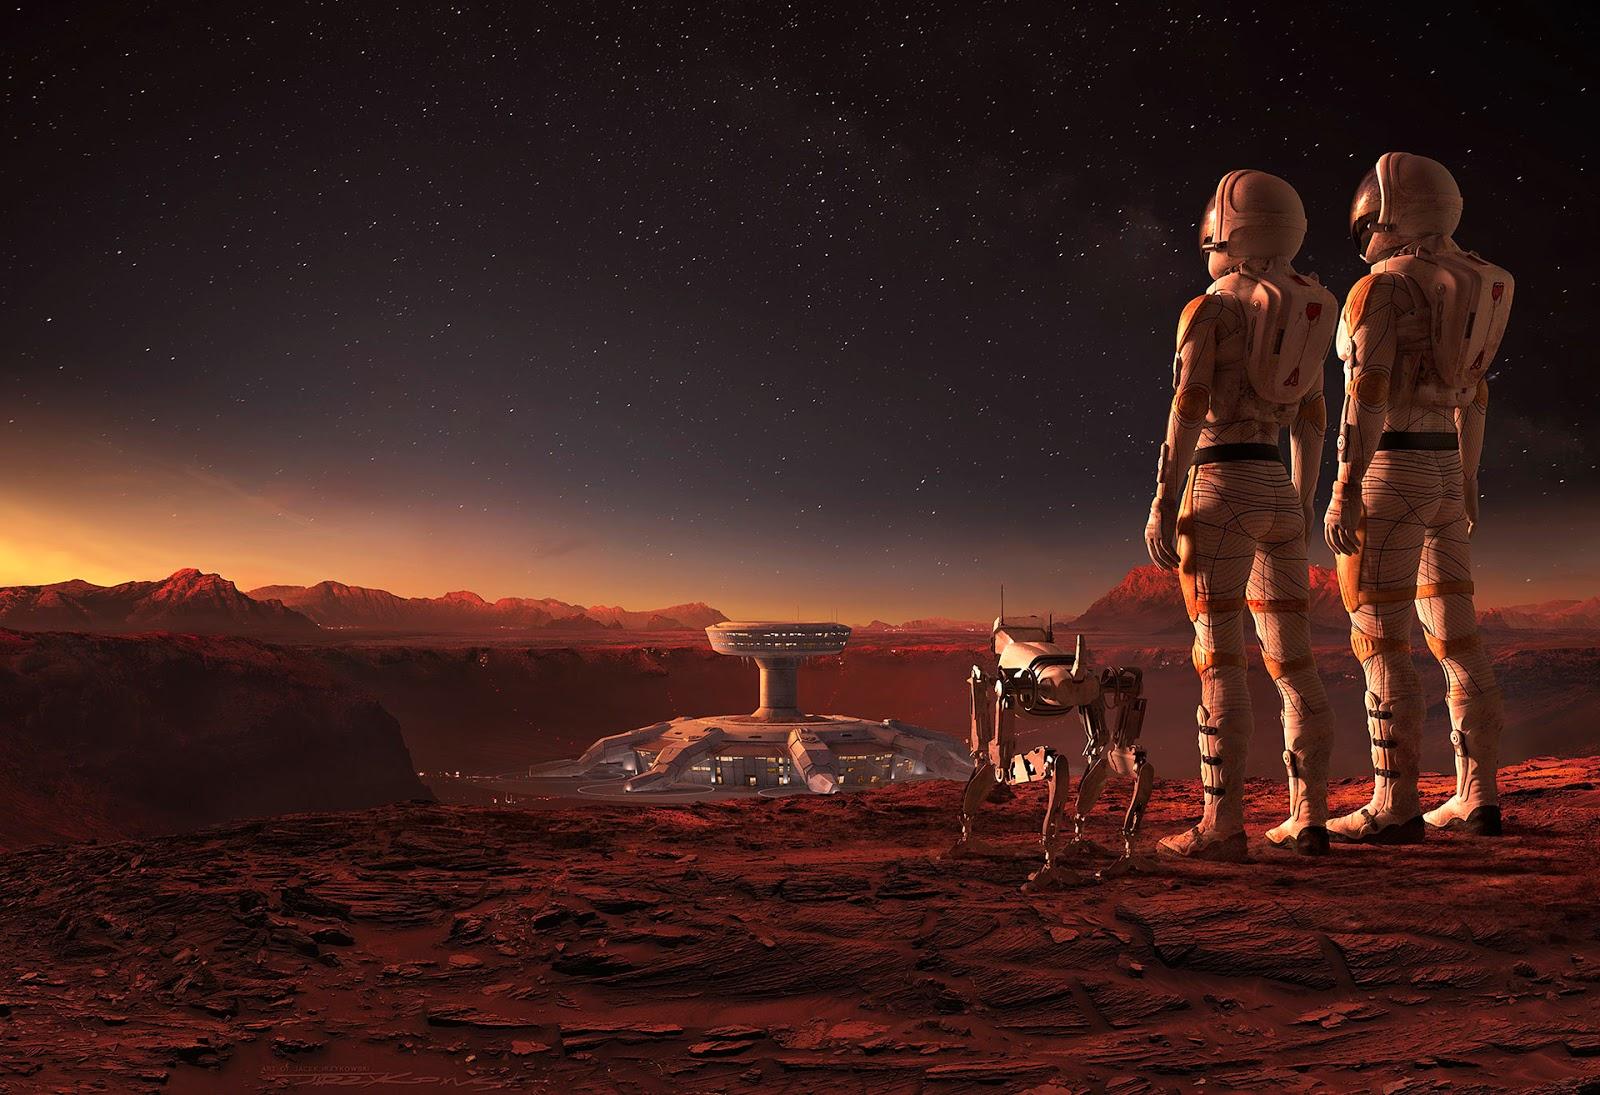 Mars base by Nick Kaloterakis & Jacek Irzykowski